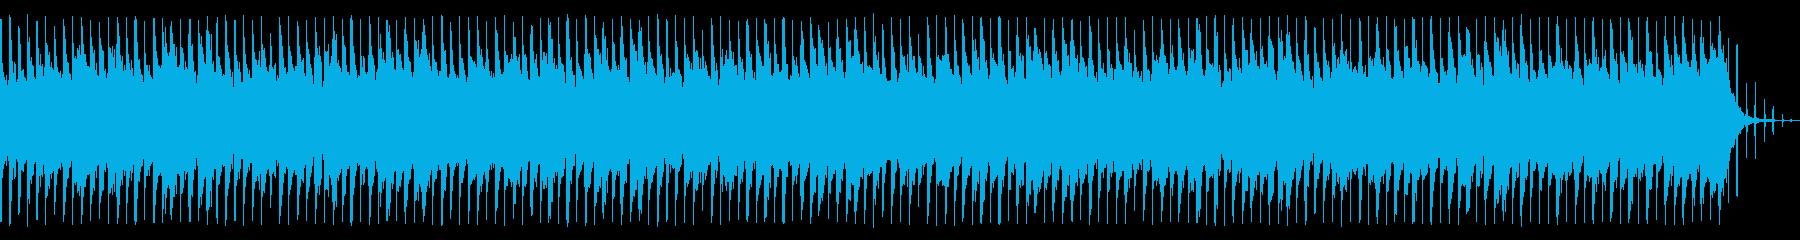 チクタクと時間を刻む不思議な異次元空間の再生済みの波形